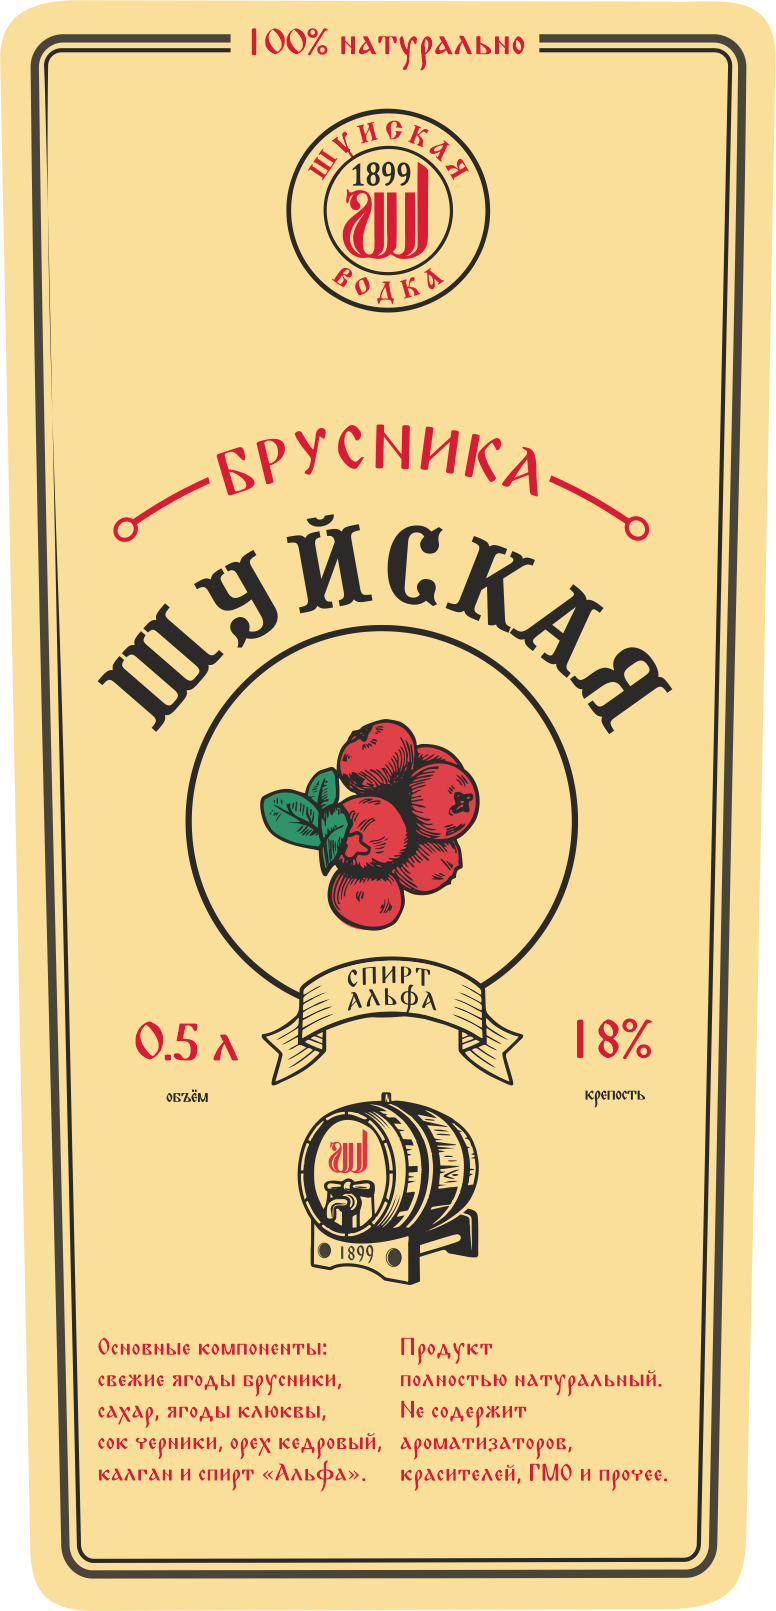 Дизайн этикетки алкогольного продукта (сладкая настойка) фото f_0575f8d92d5a2352.png